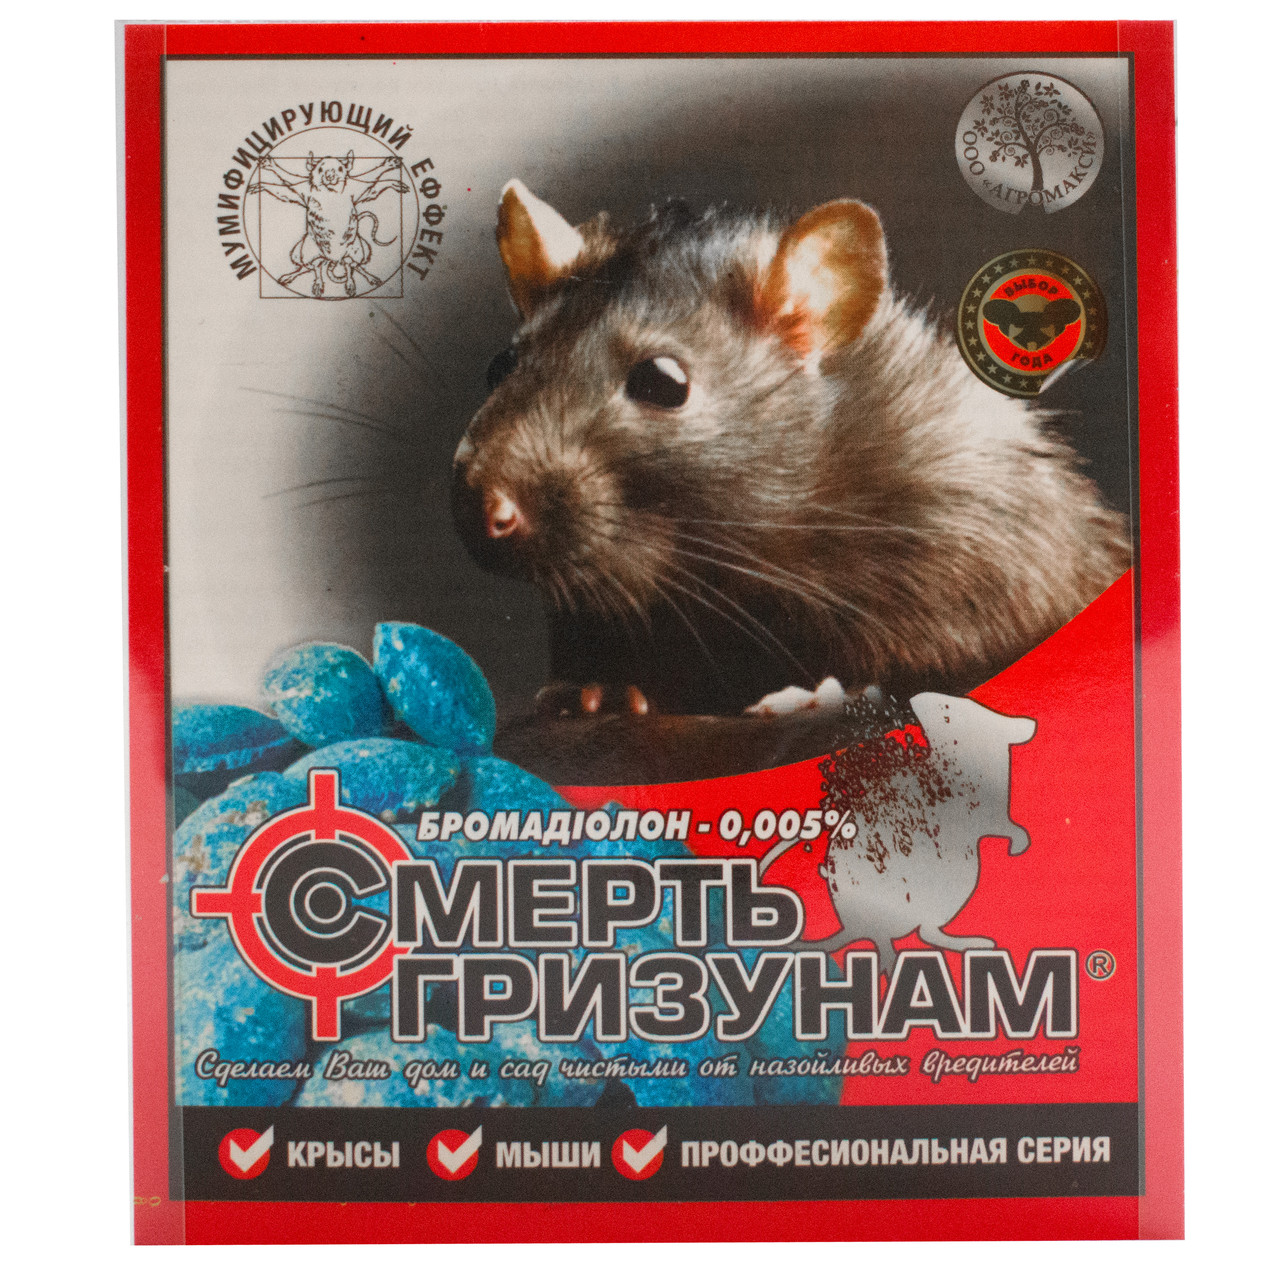 Брикеты от крыс и мышей Смерть грызунам 5 шт